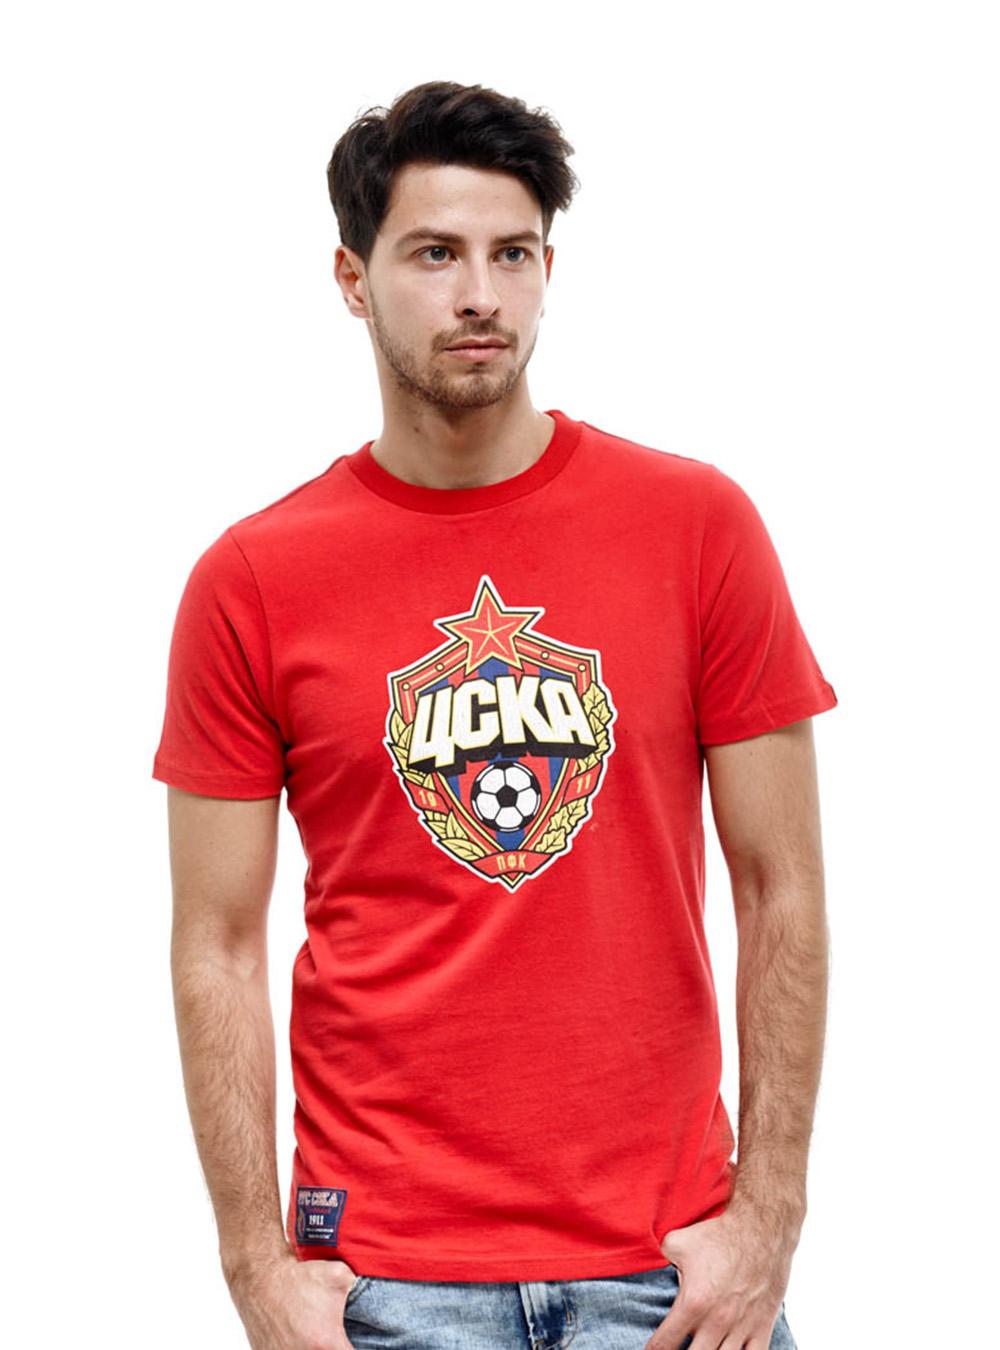 Футболка Эмблема, цвет красный (XXL)Футболки мужские<br>Футболка Эмблема, цвет красный<br>